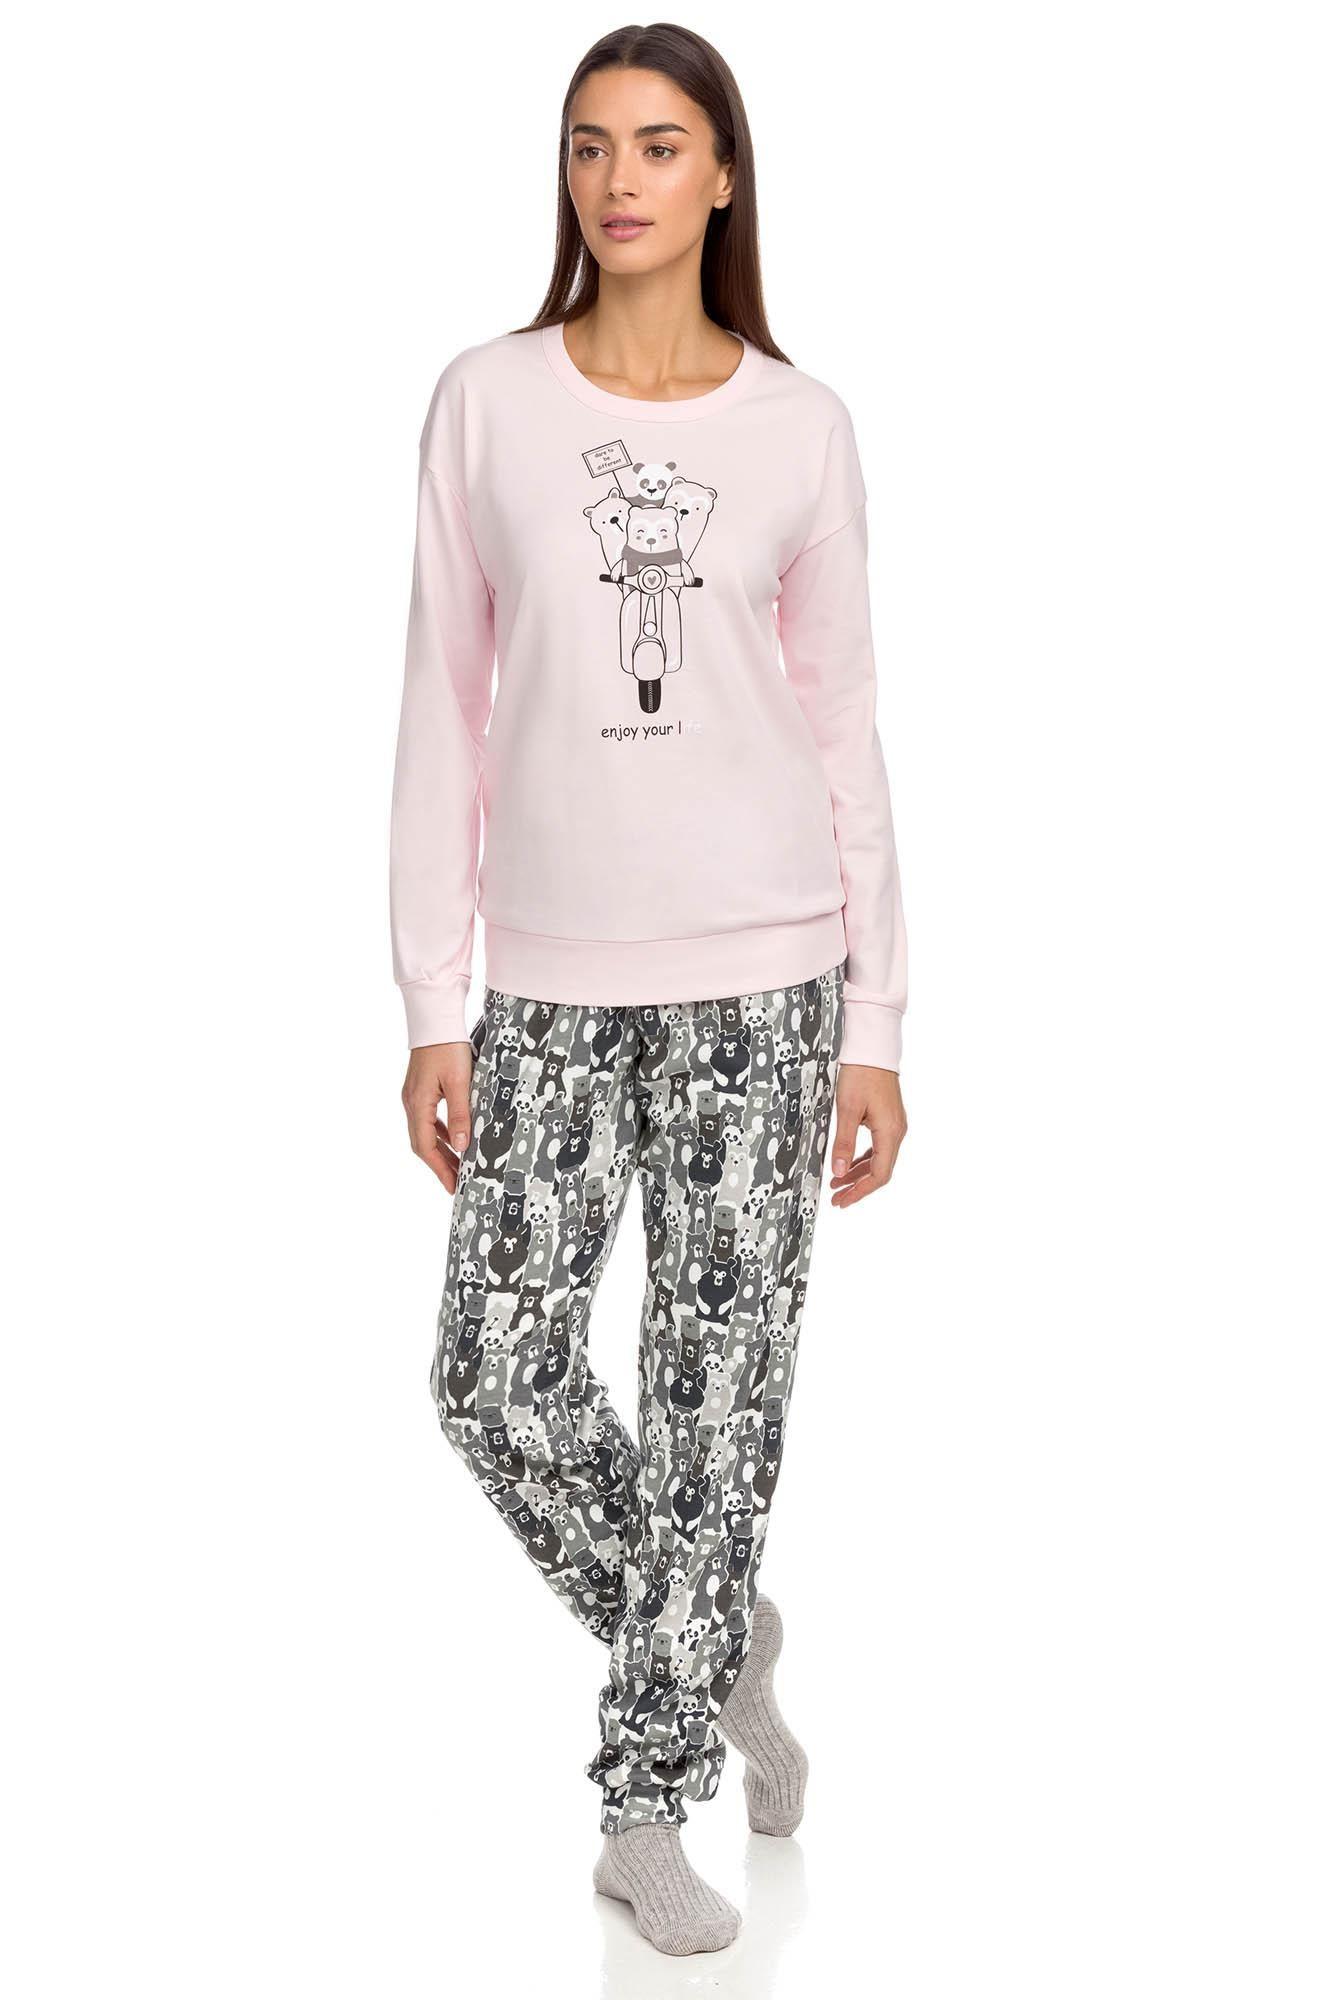 Women's Pyjamas Petite Size